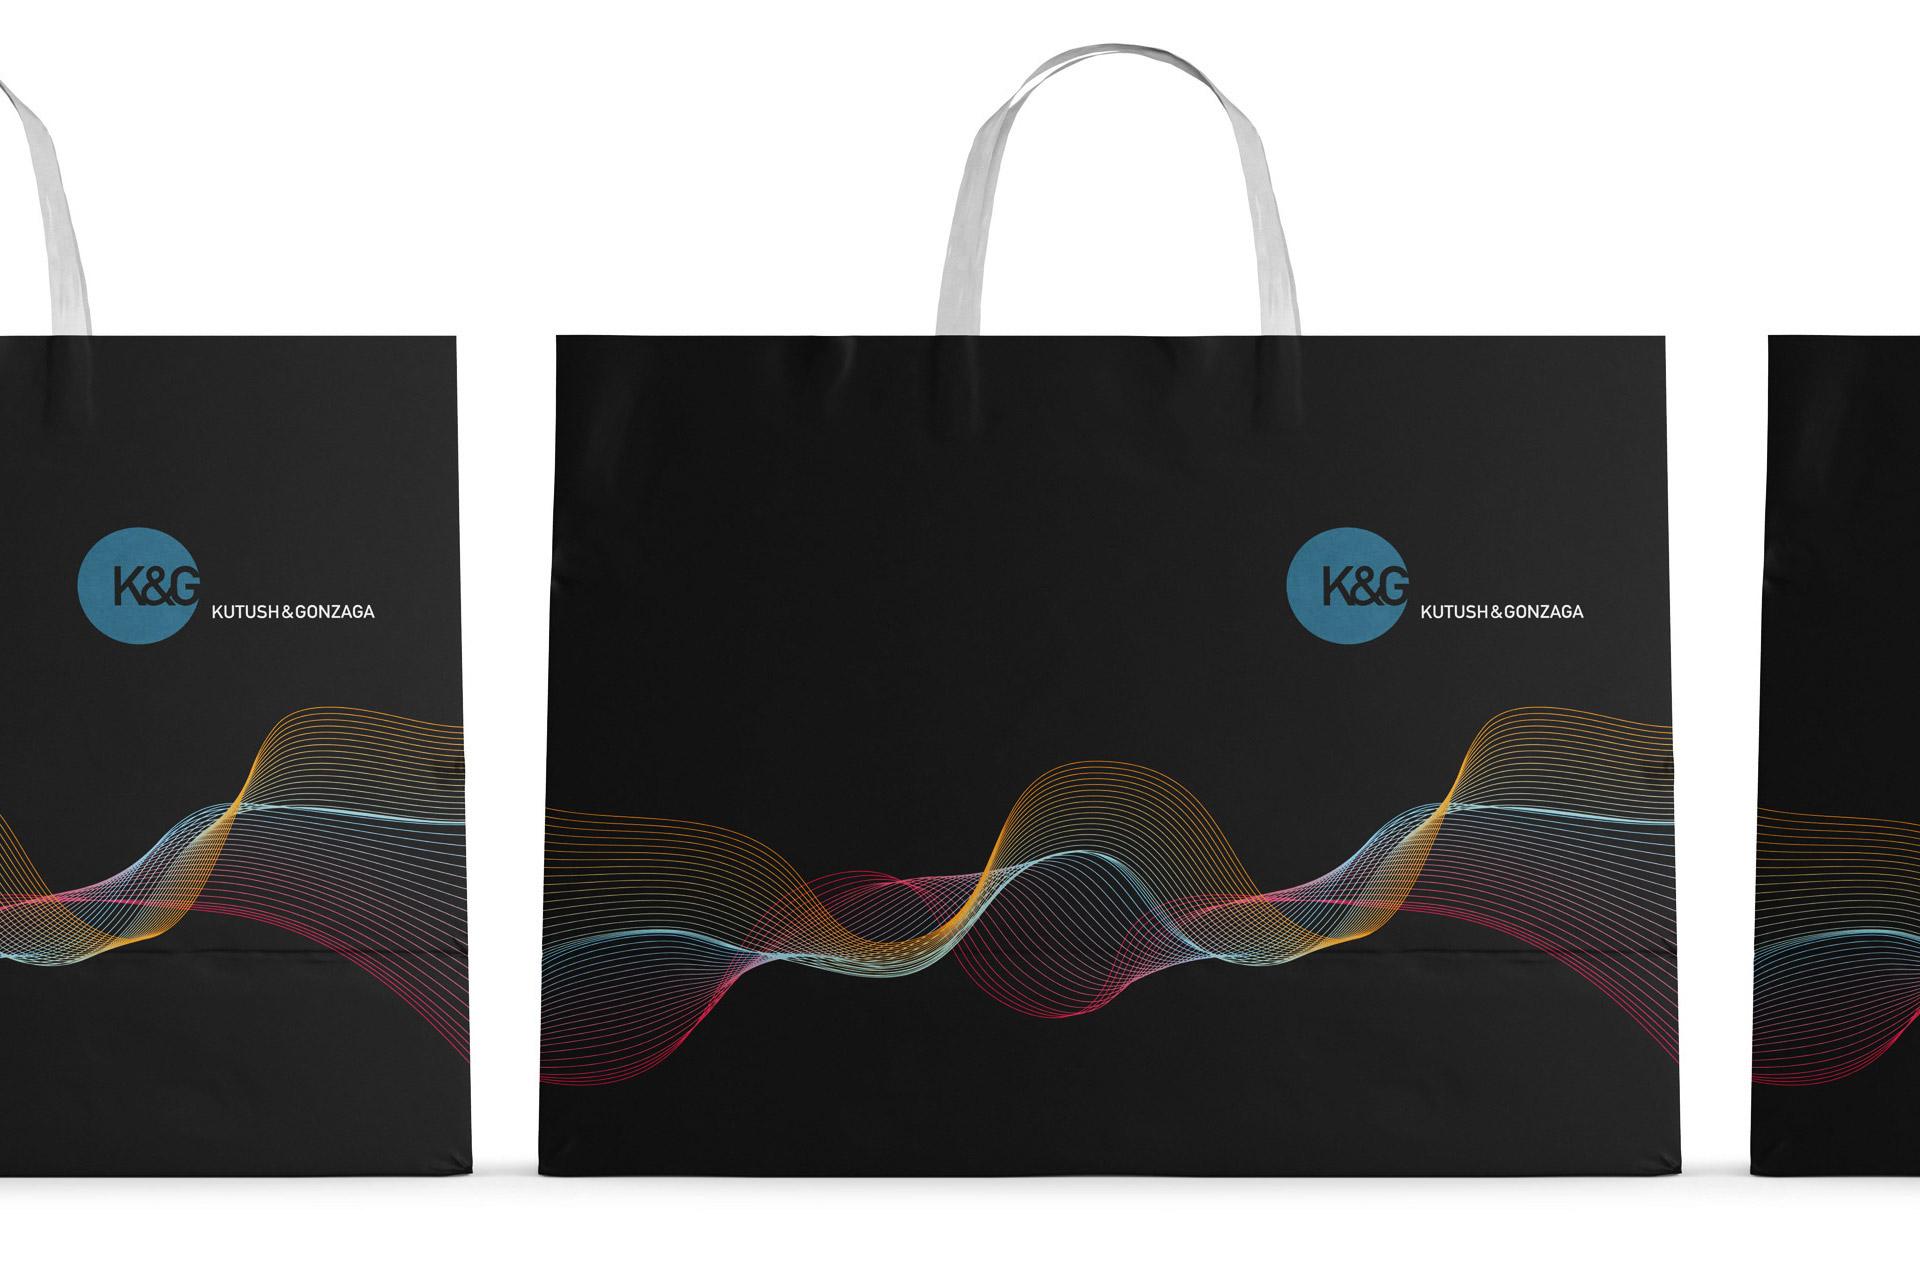 Asgard Branding, corporate identity, K&G, logo, Kutush & Gonzaga, design, package design, branded bags